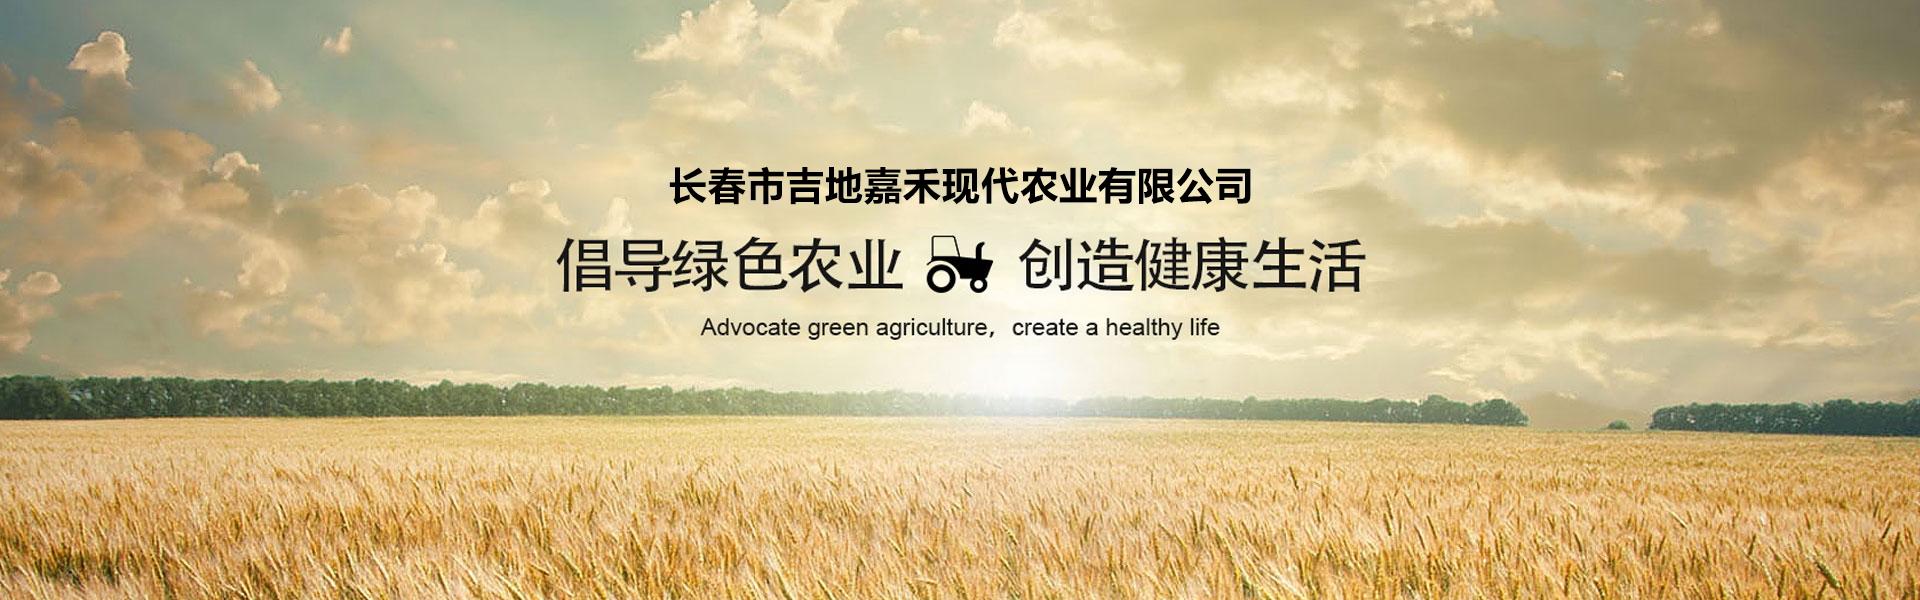 東北有機大米廠家cm888tw草莓app下载